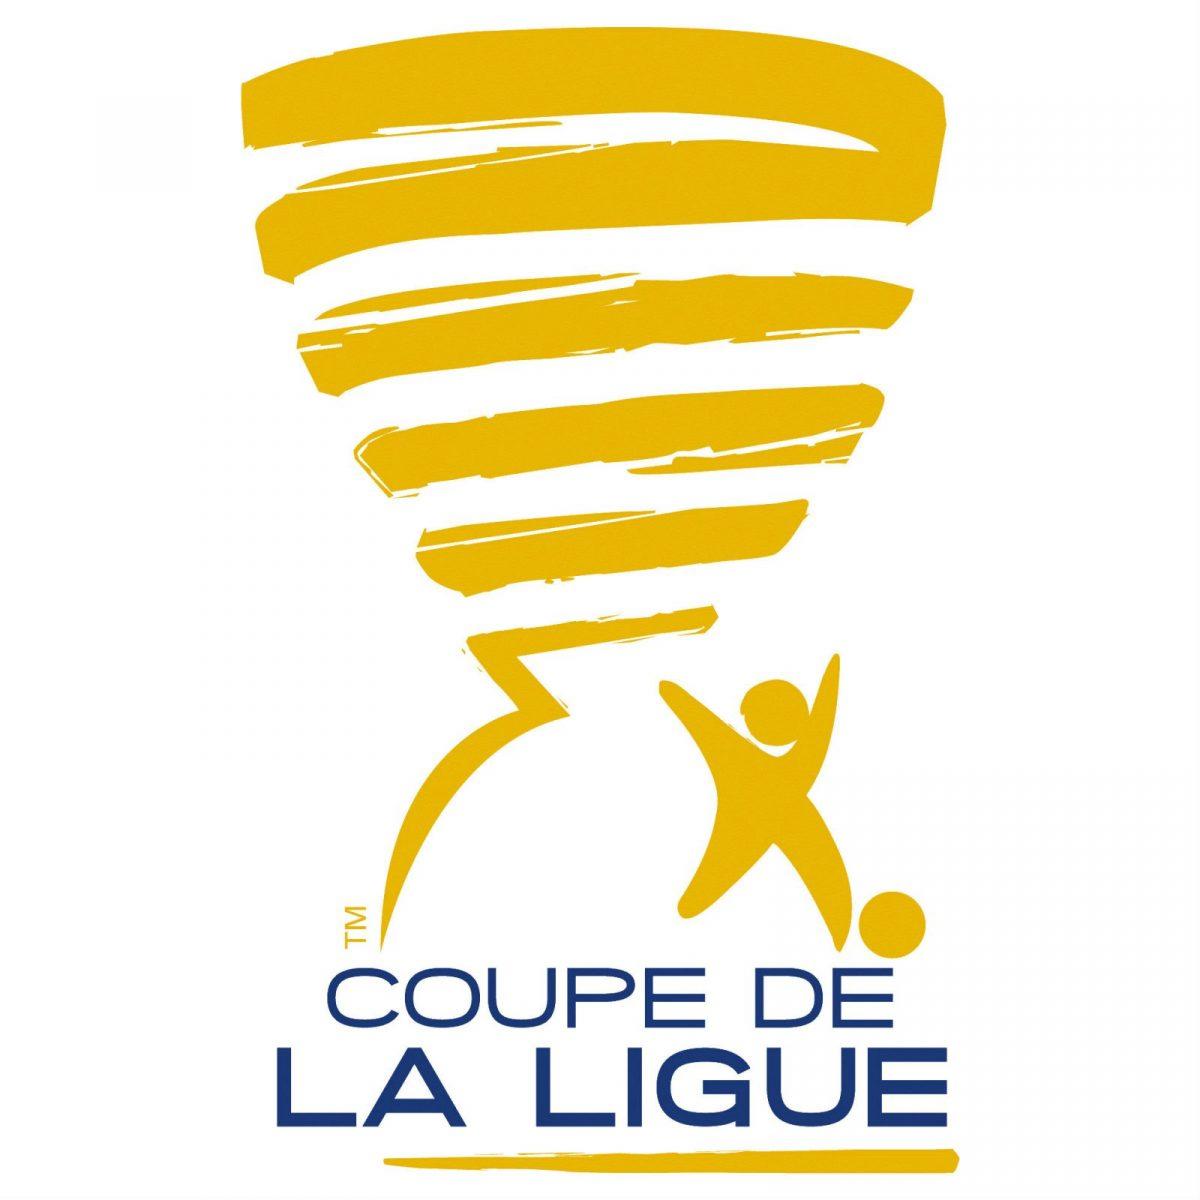 R sultat ogc nice fc metz coupe de la ligue 29 octobre 2014 - Coupe de la ligue 2013 2014 ...